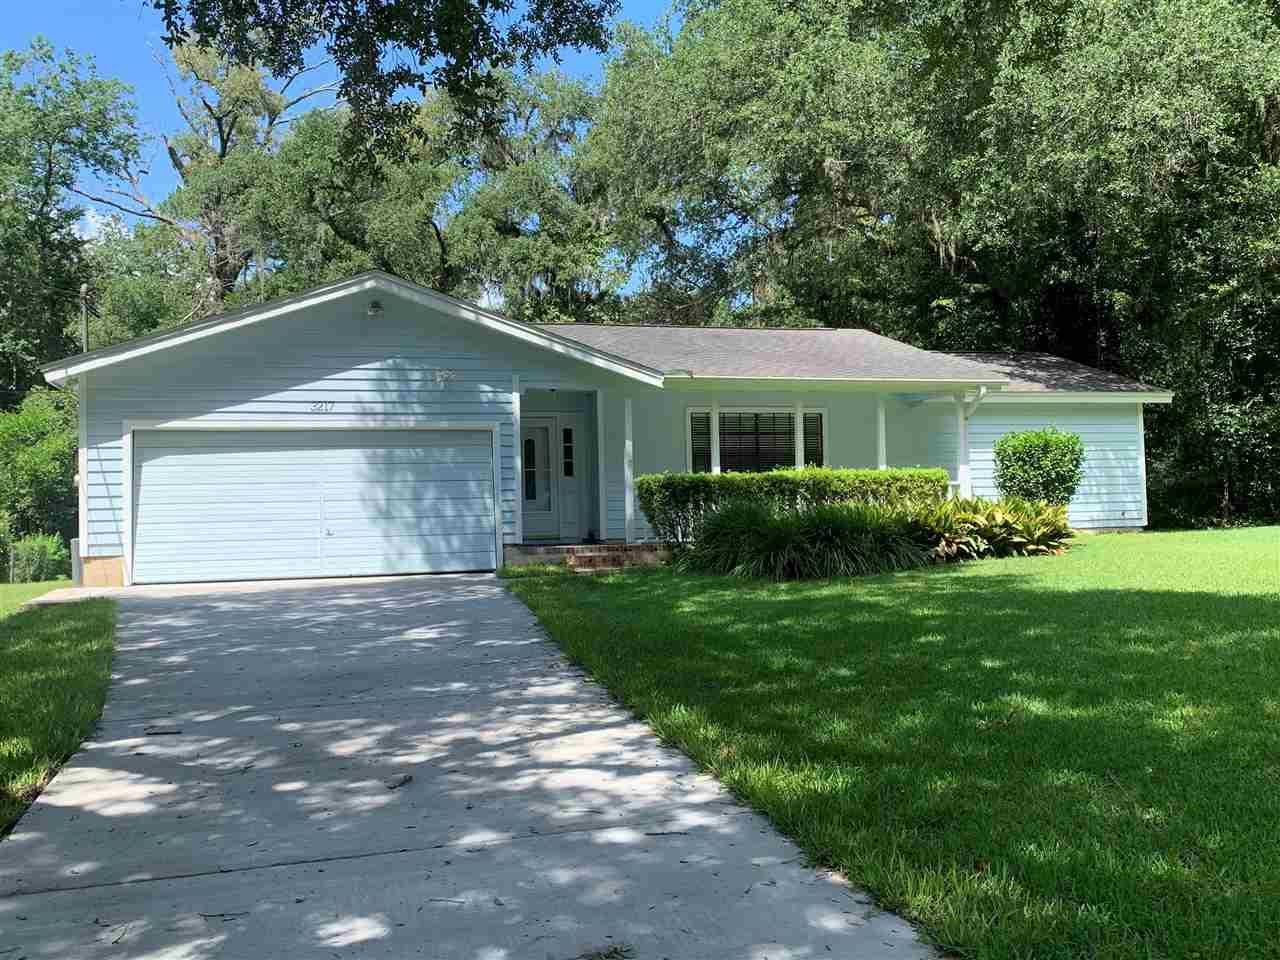 3217 Whirlaway Trail, Tallahassee, FL 32309 - MLS#: 331901